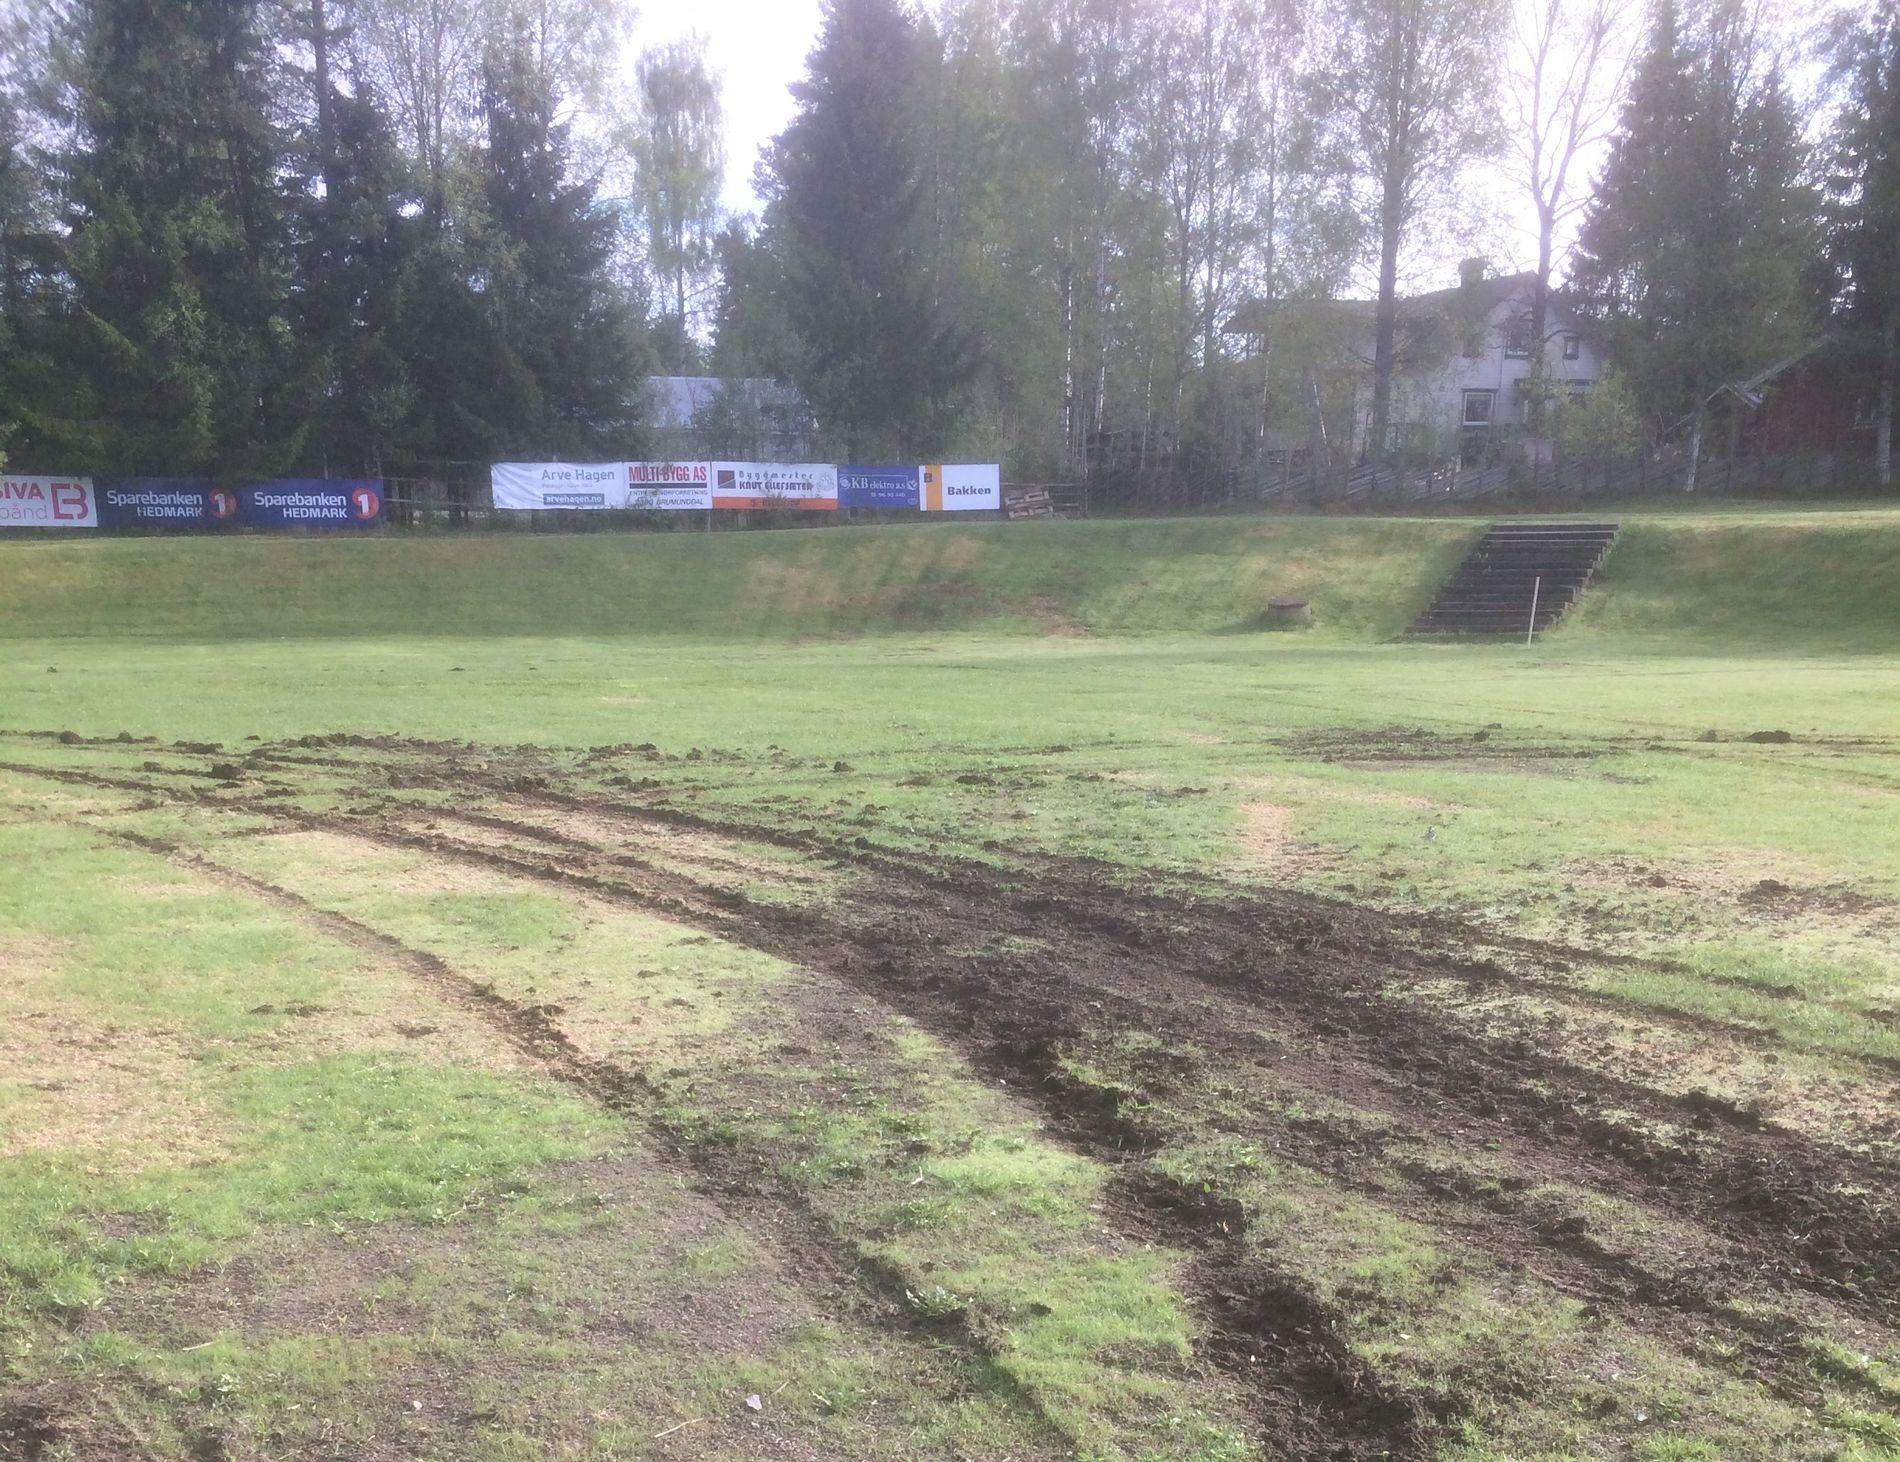 STORE SKADER: Slik så fotballbanen til Nybygda IL ut etter at en 18 år gammel mann kjørte rundt på banen med en bil natt til 29. mai.